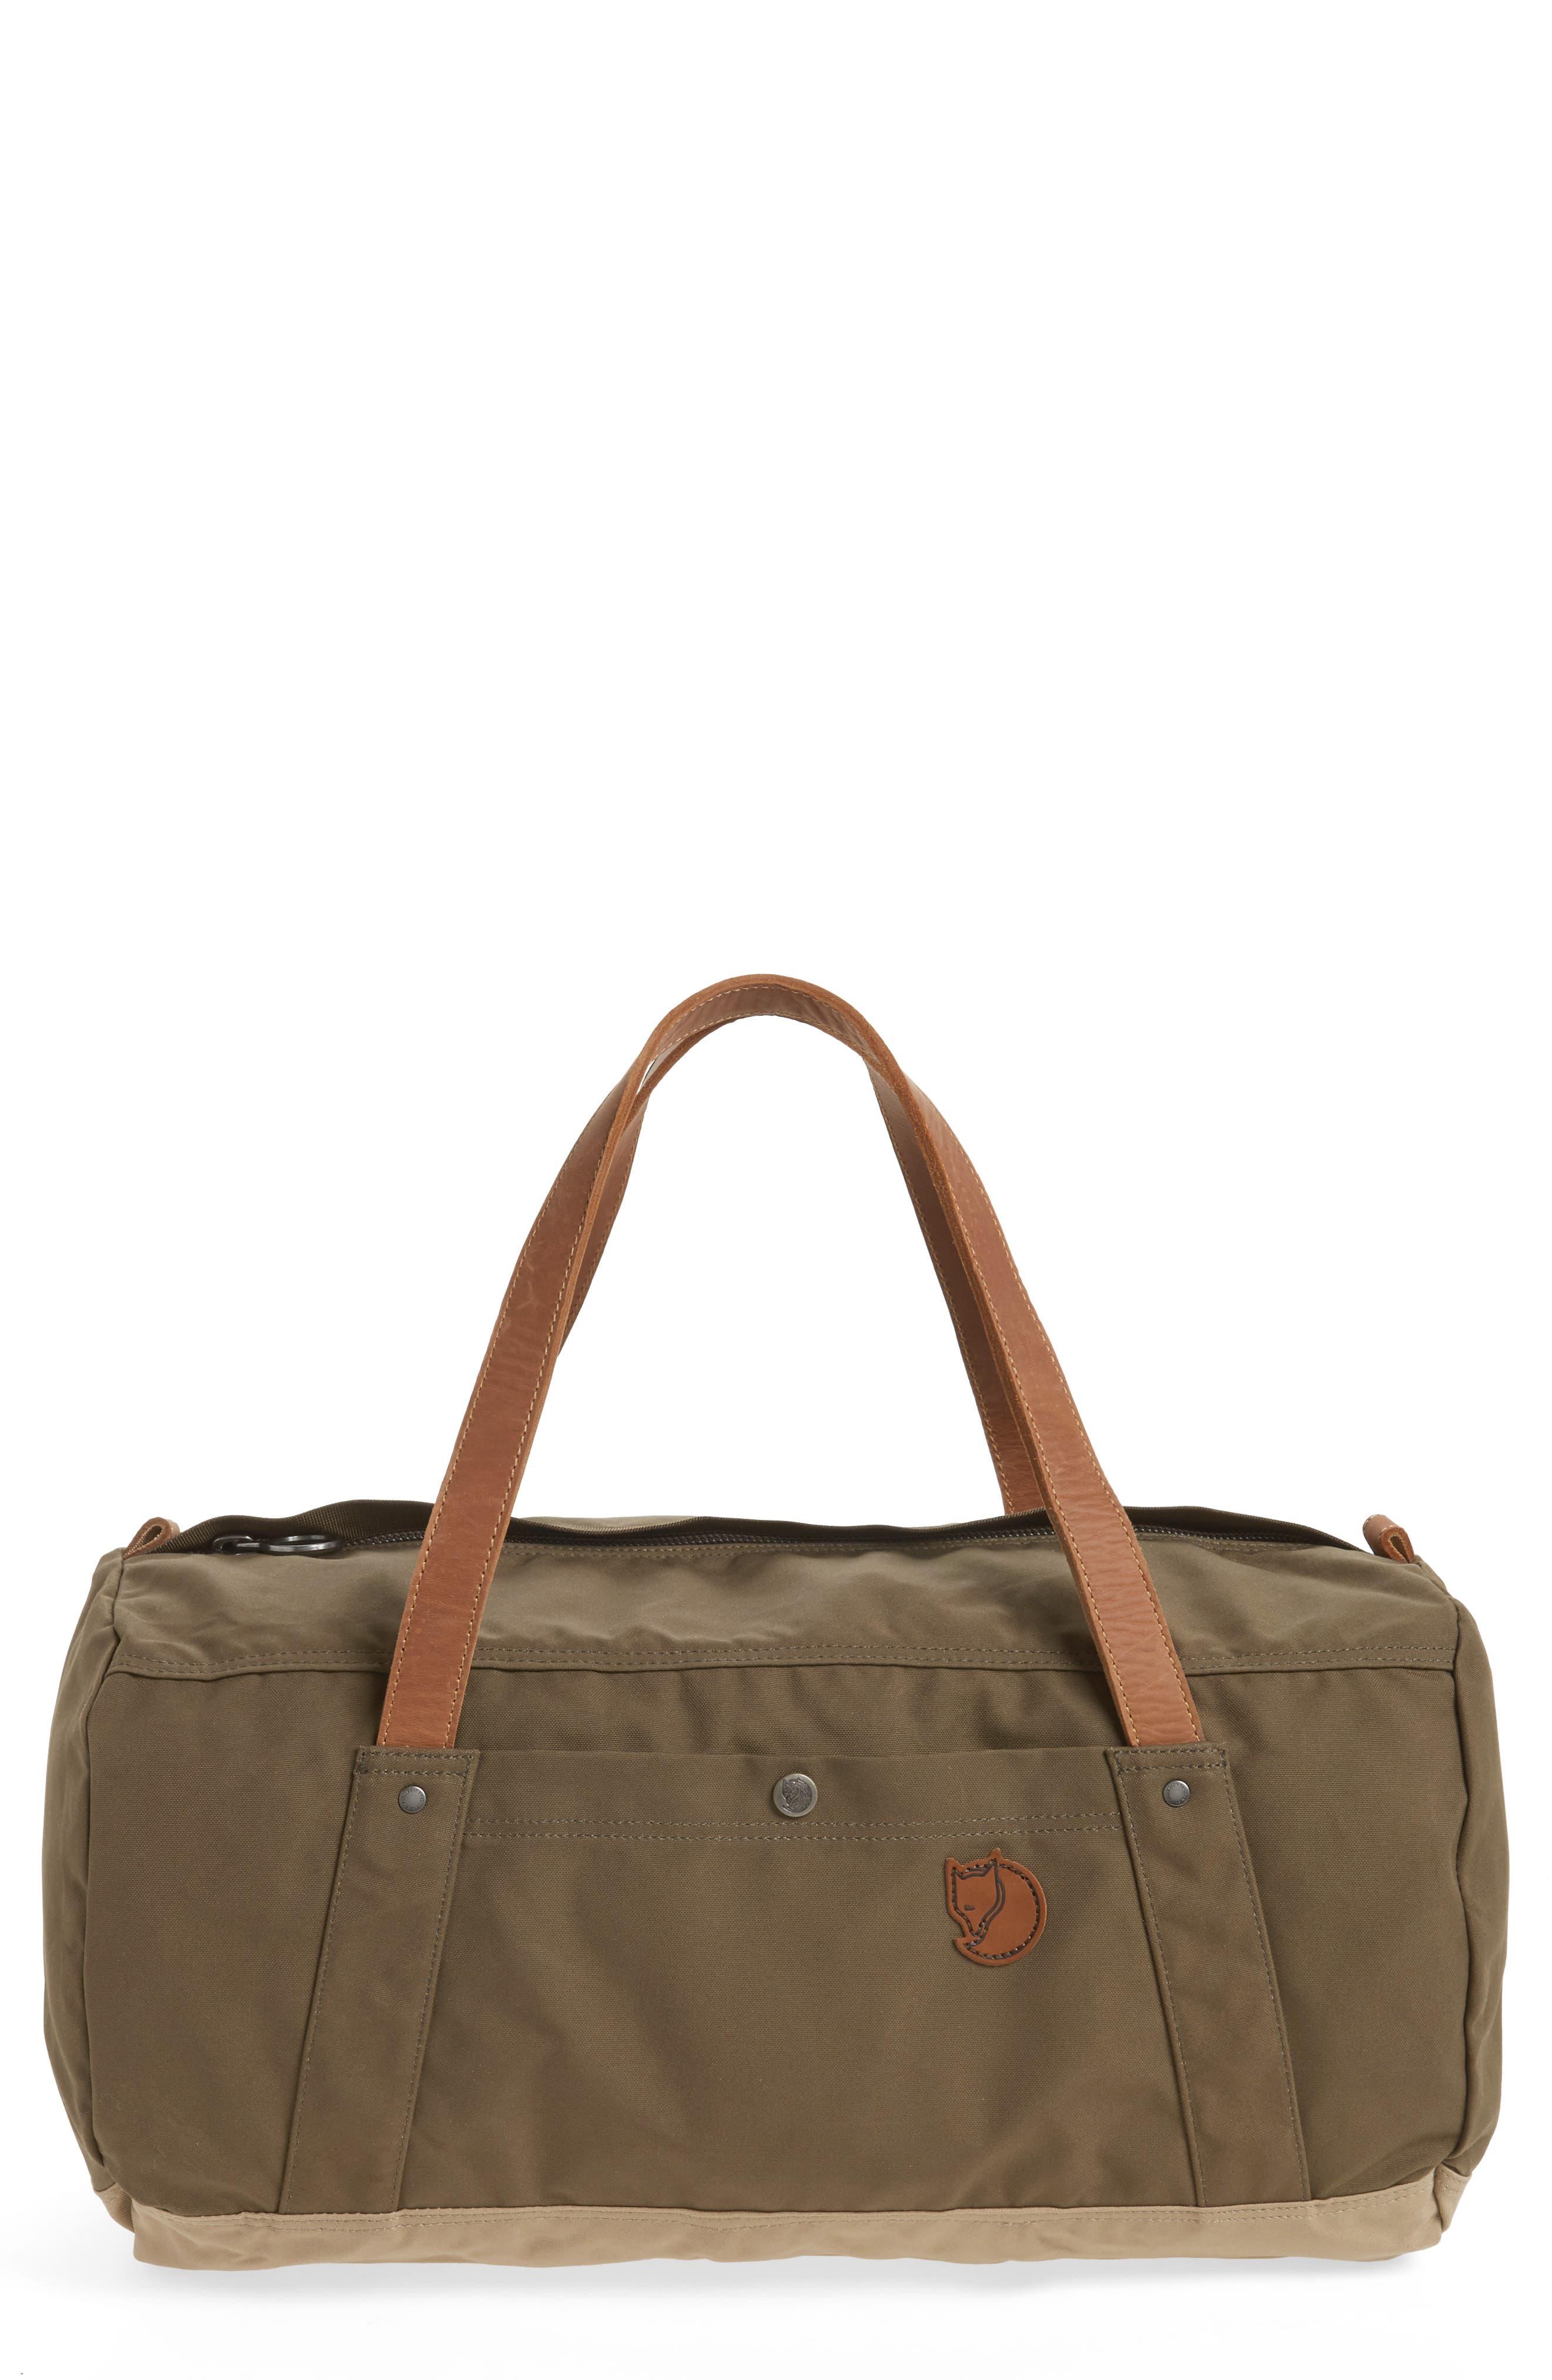 'Duffel No.4' Water Resistant Duffel Bag,                         Main,                         color, 283